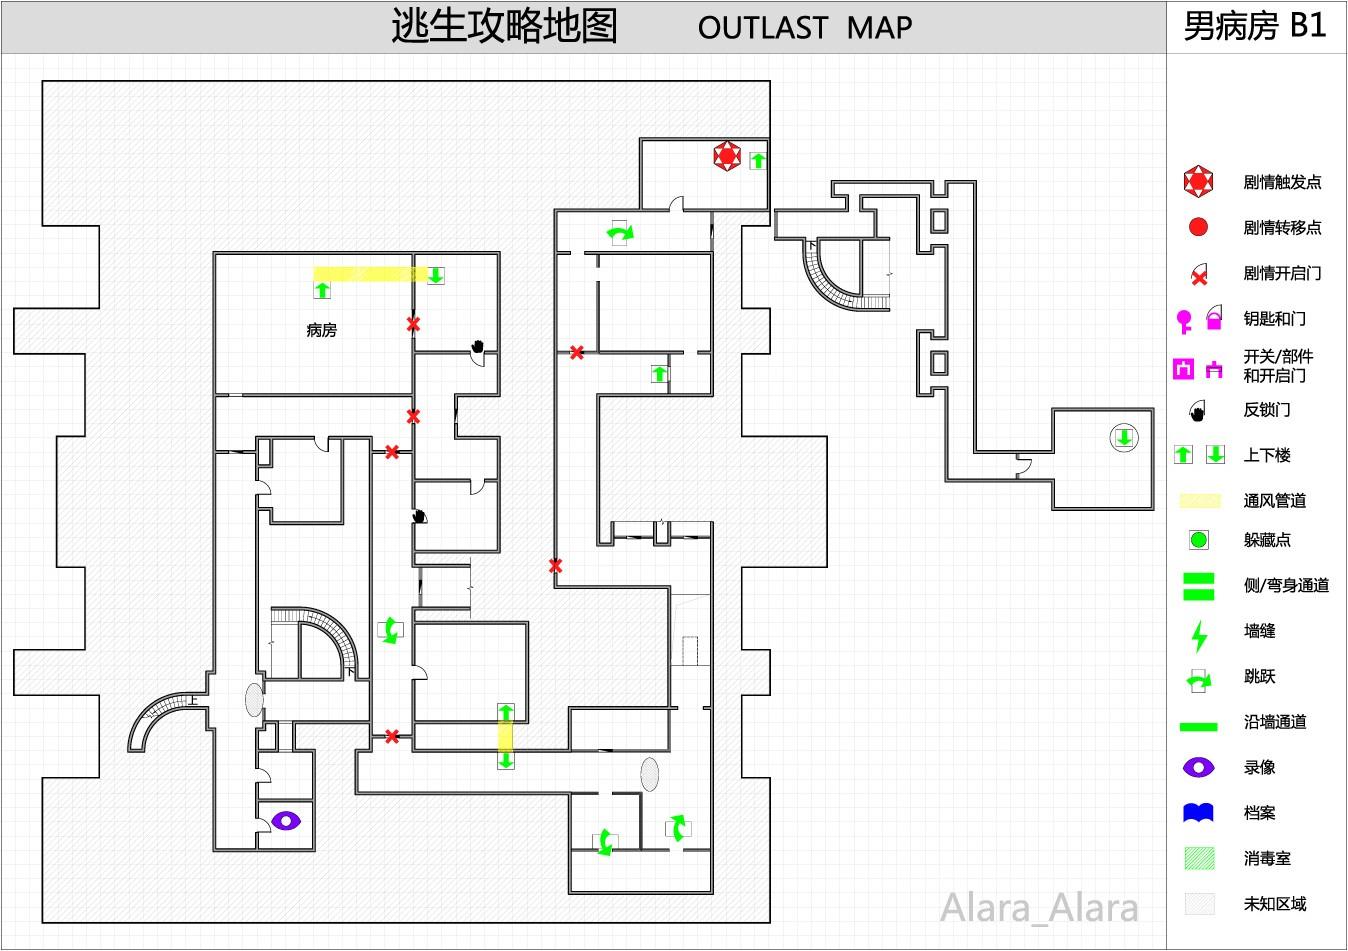 【逃生Outlast】地图时间psp攻略旅行者图文攻略图片